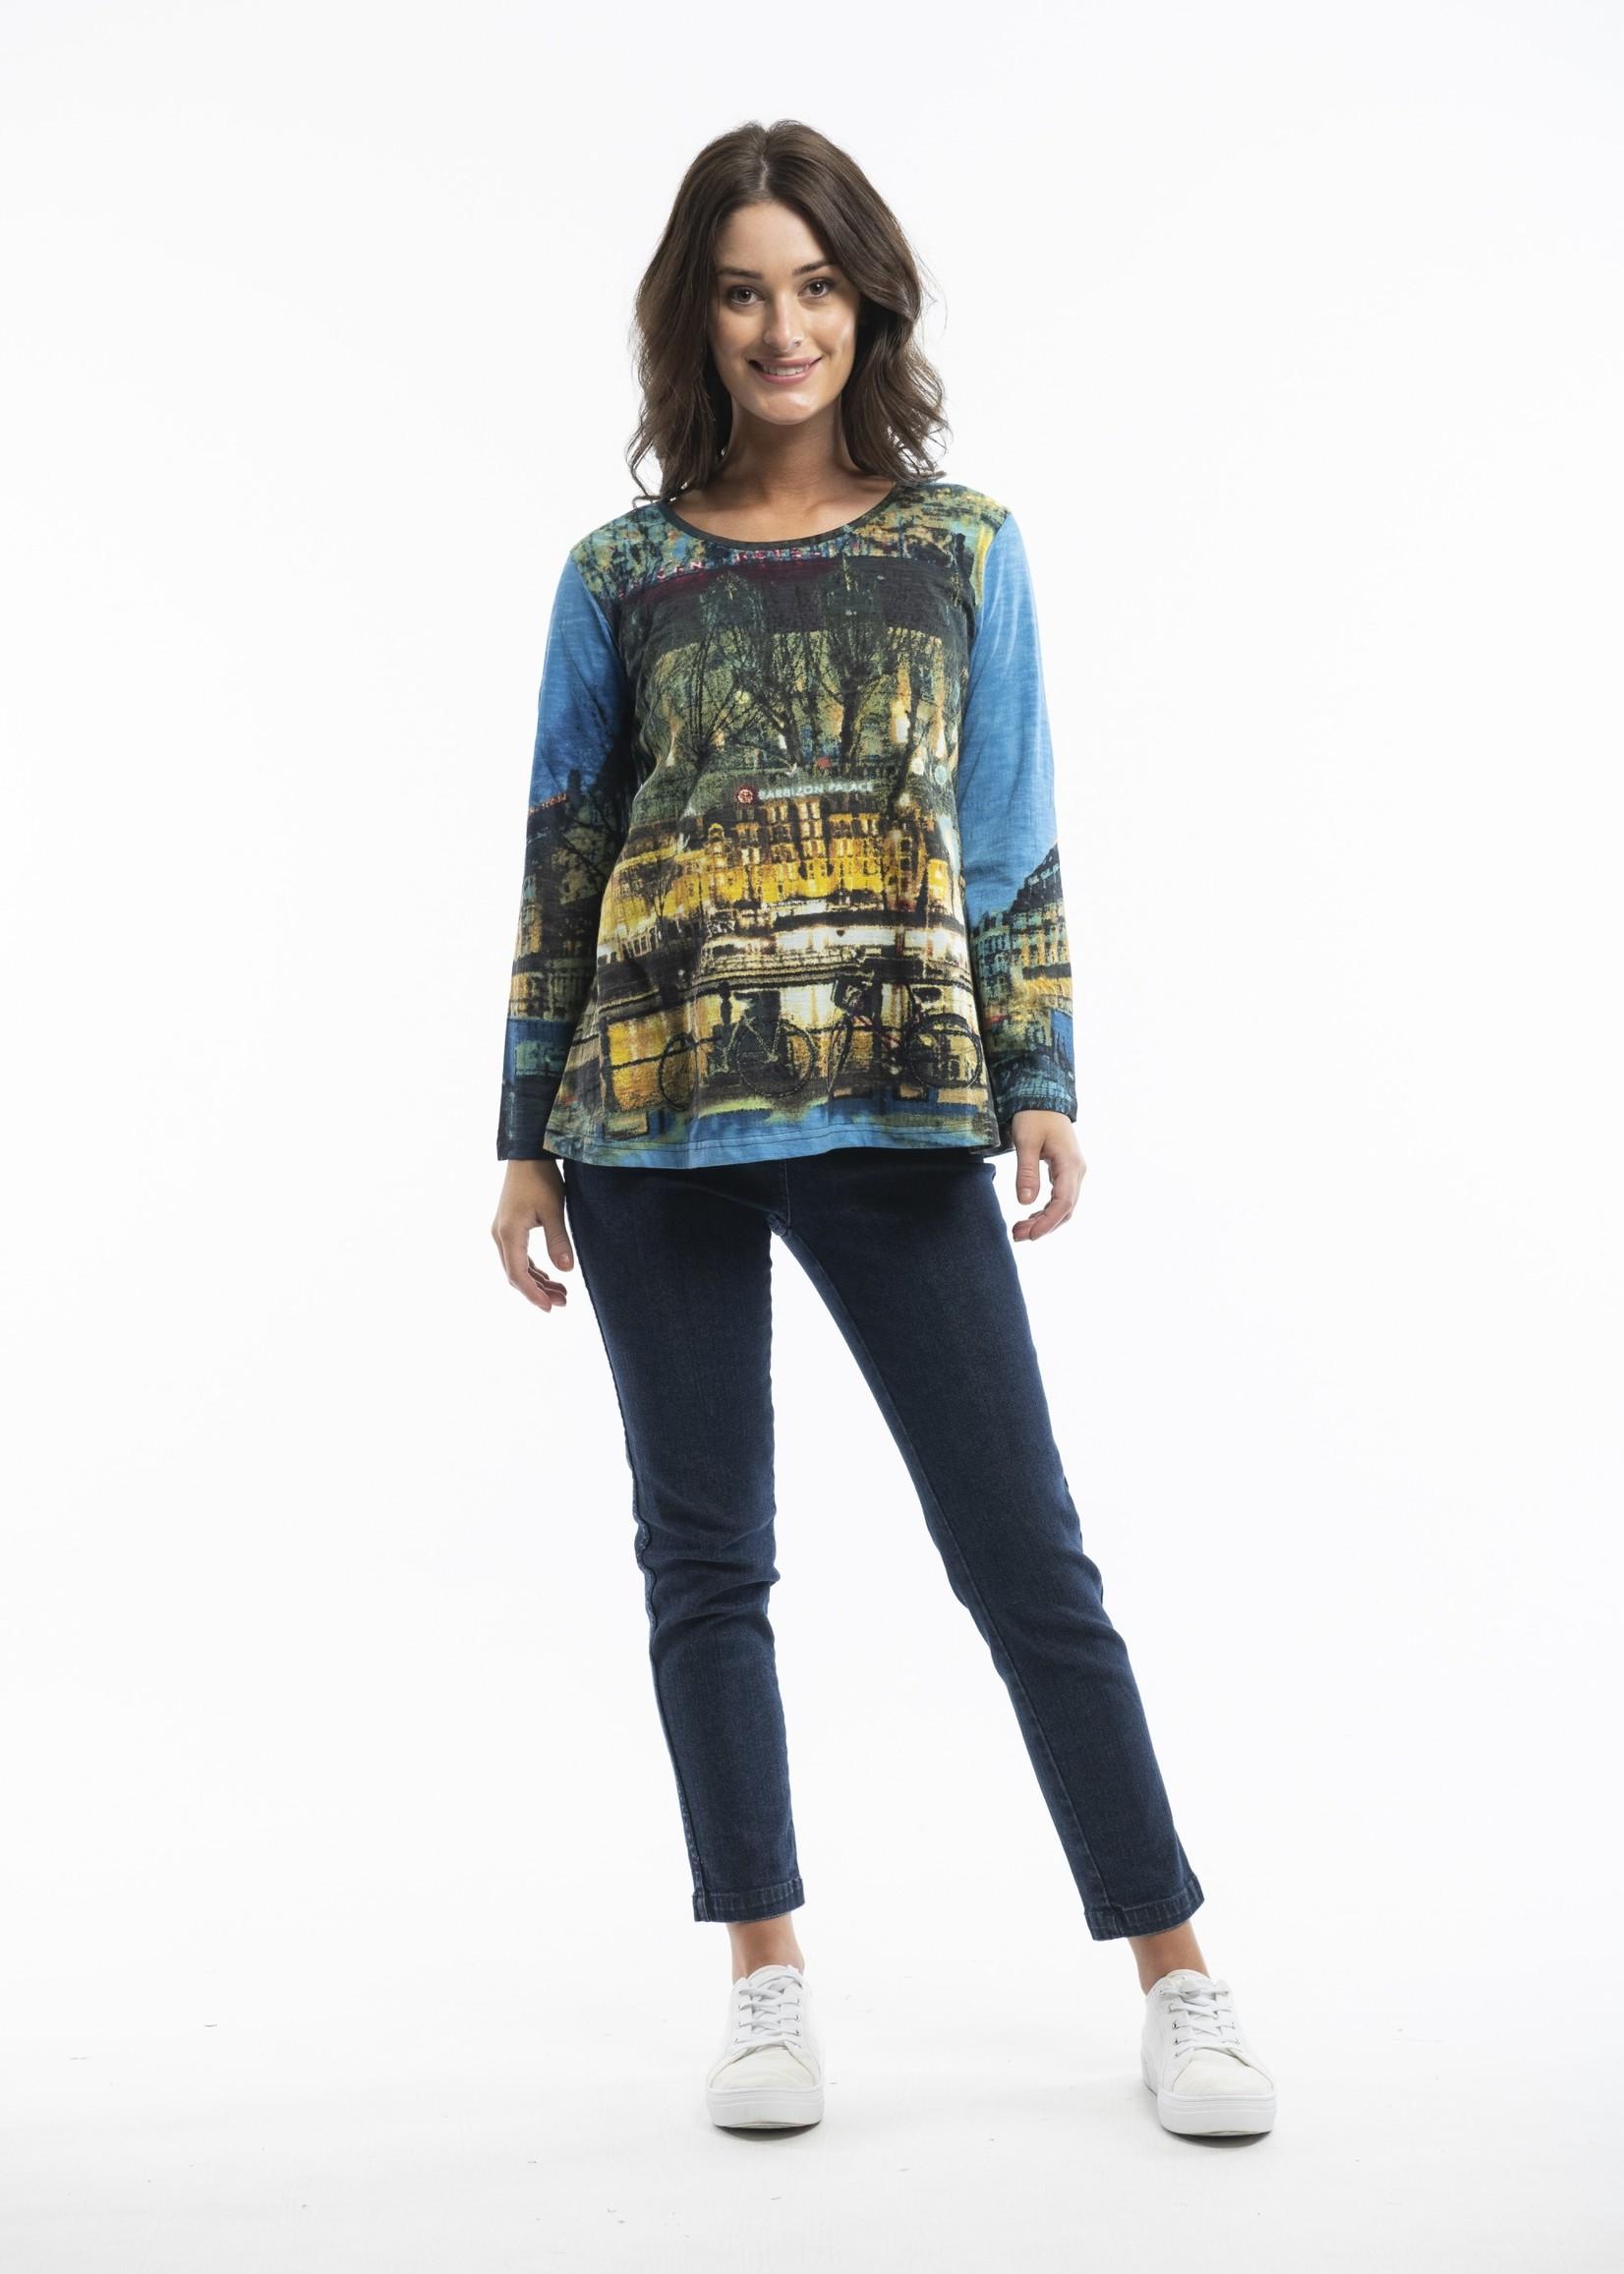 Orientique 22711 shirt Amsterdam